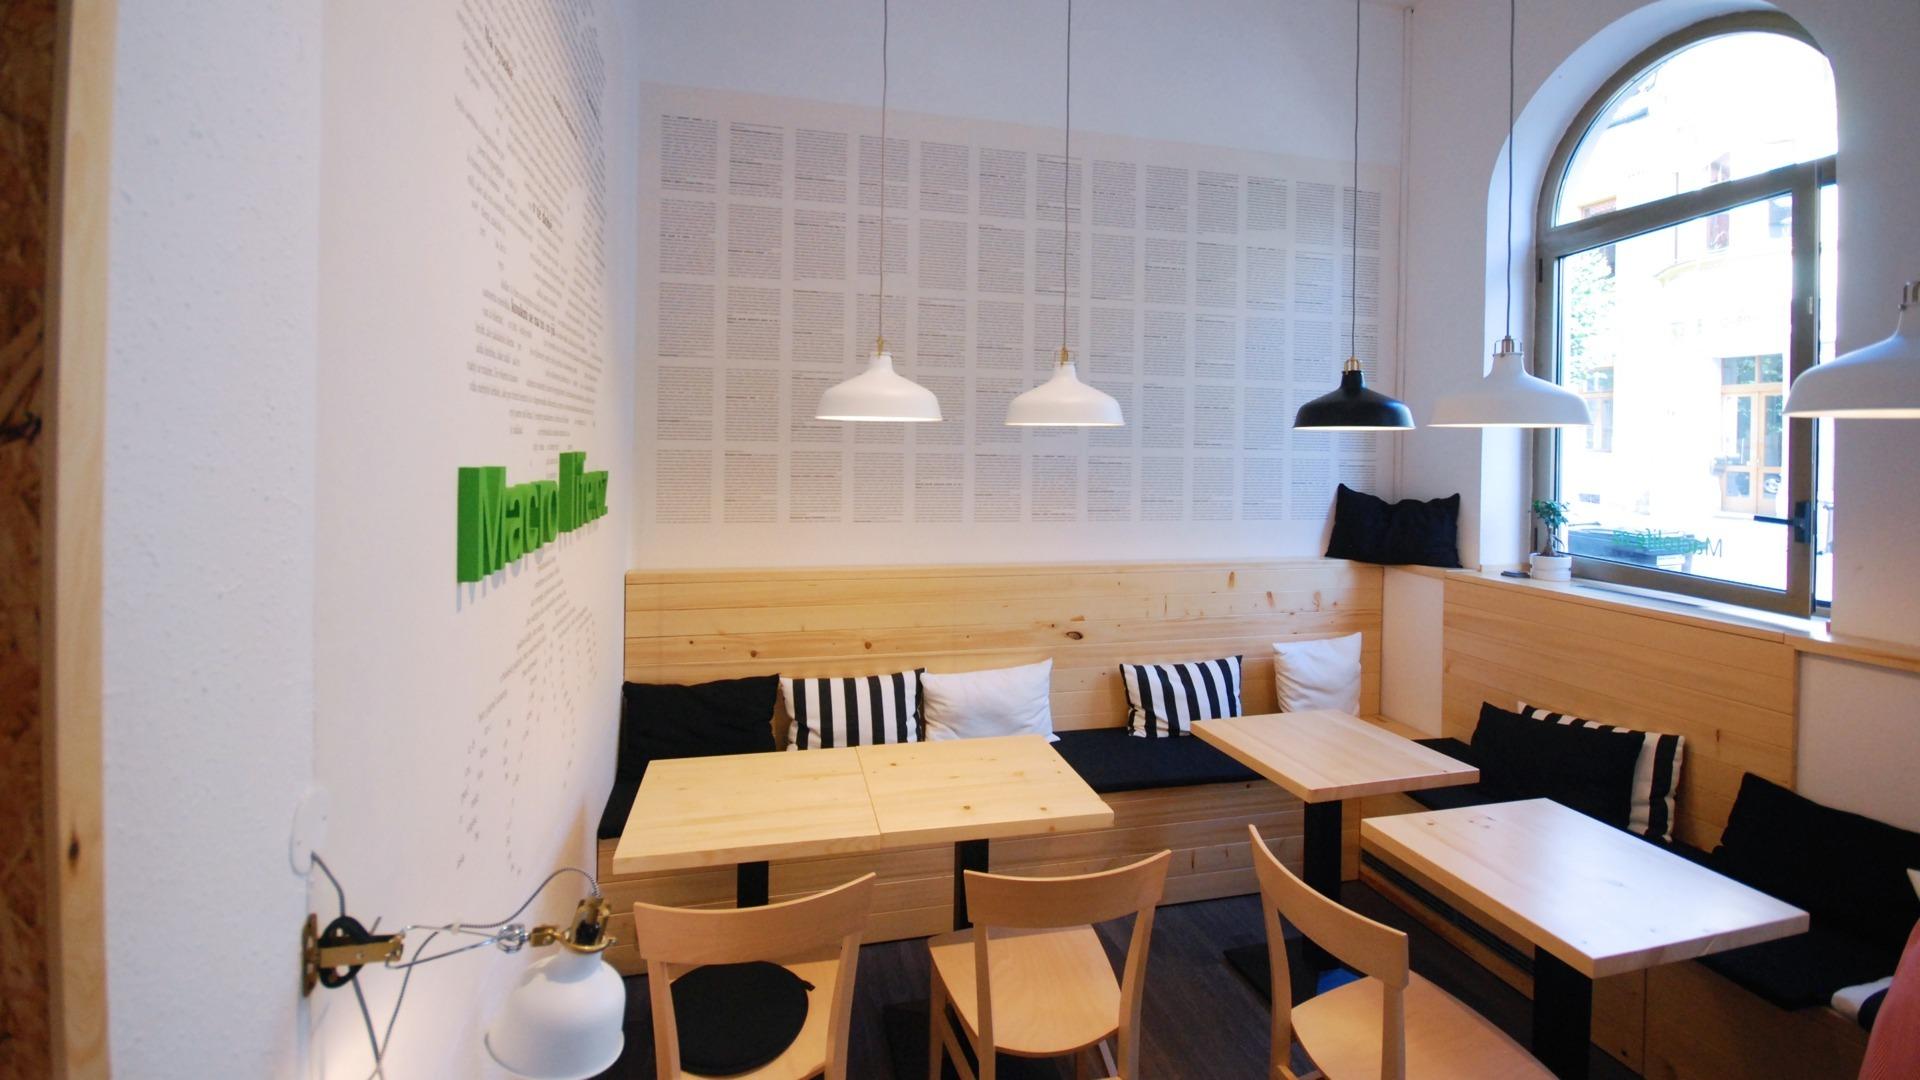 FESCHU BIO Macrolife potraviny a kavarna Louny sezení